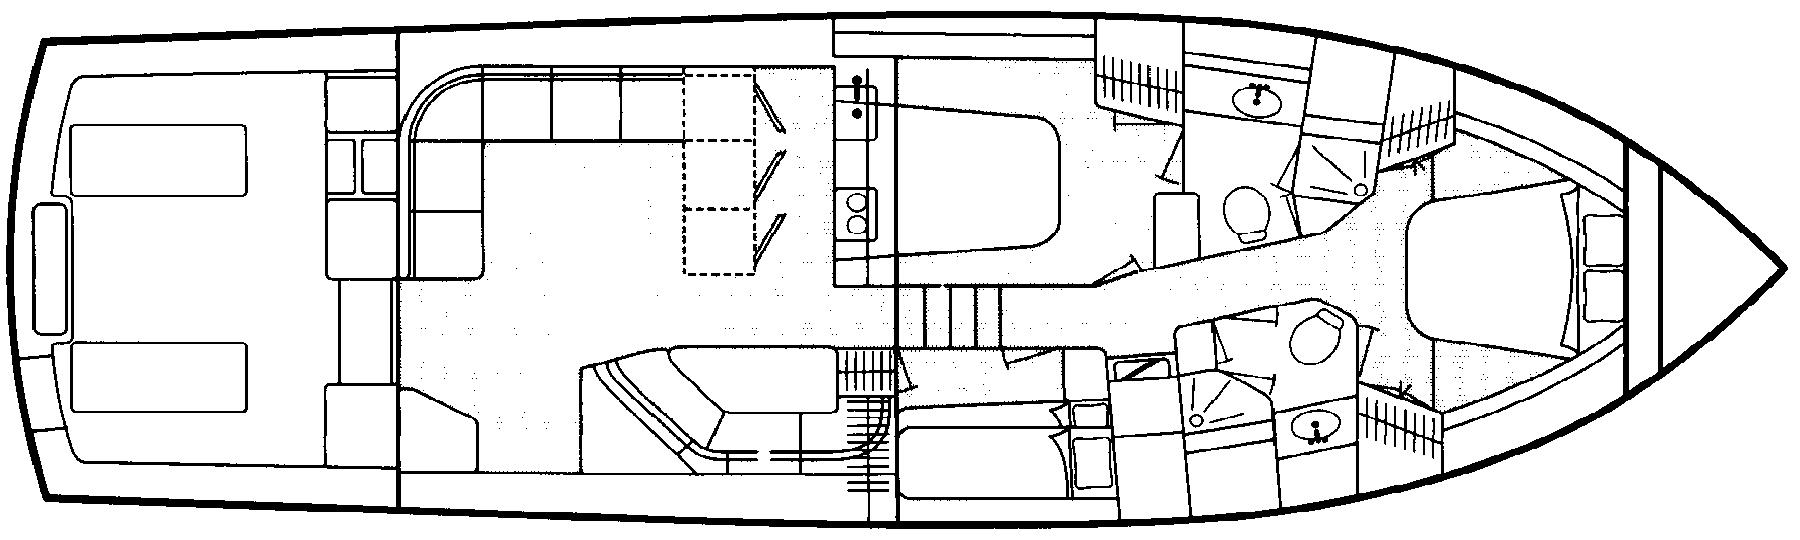 53 Convertible Floor Plan 2